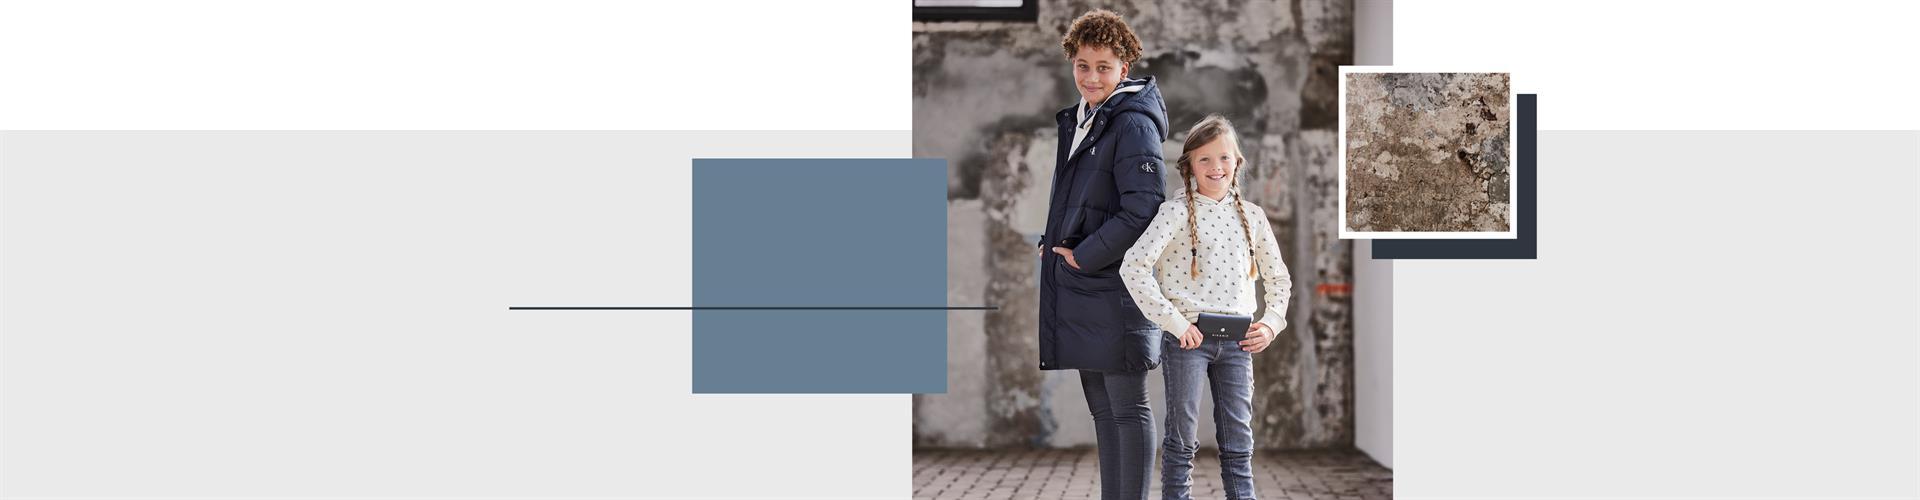 Pleinpagina_Kinderen_Slider_Desktop_3840x1000_13102021.jpg